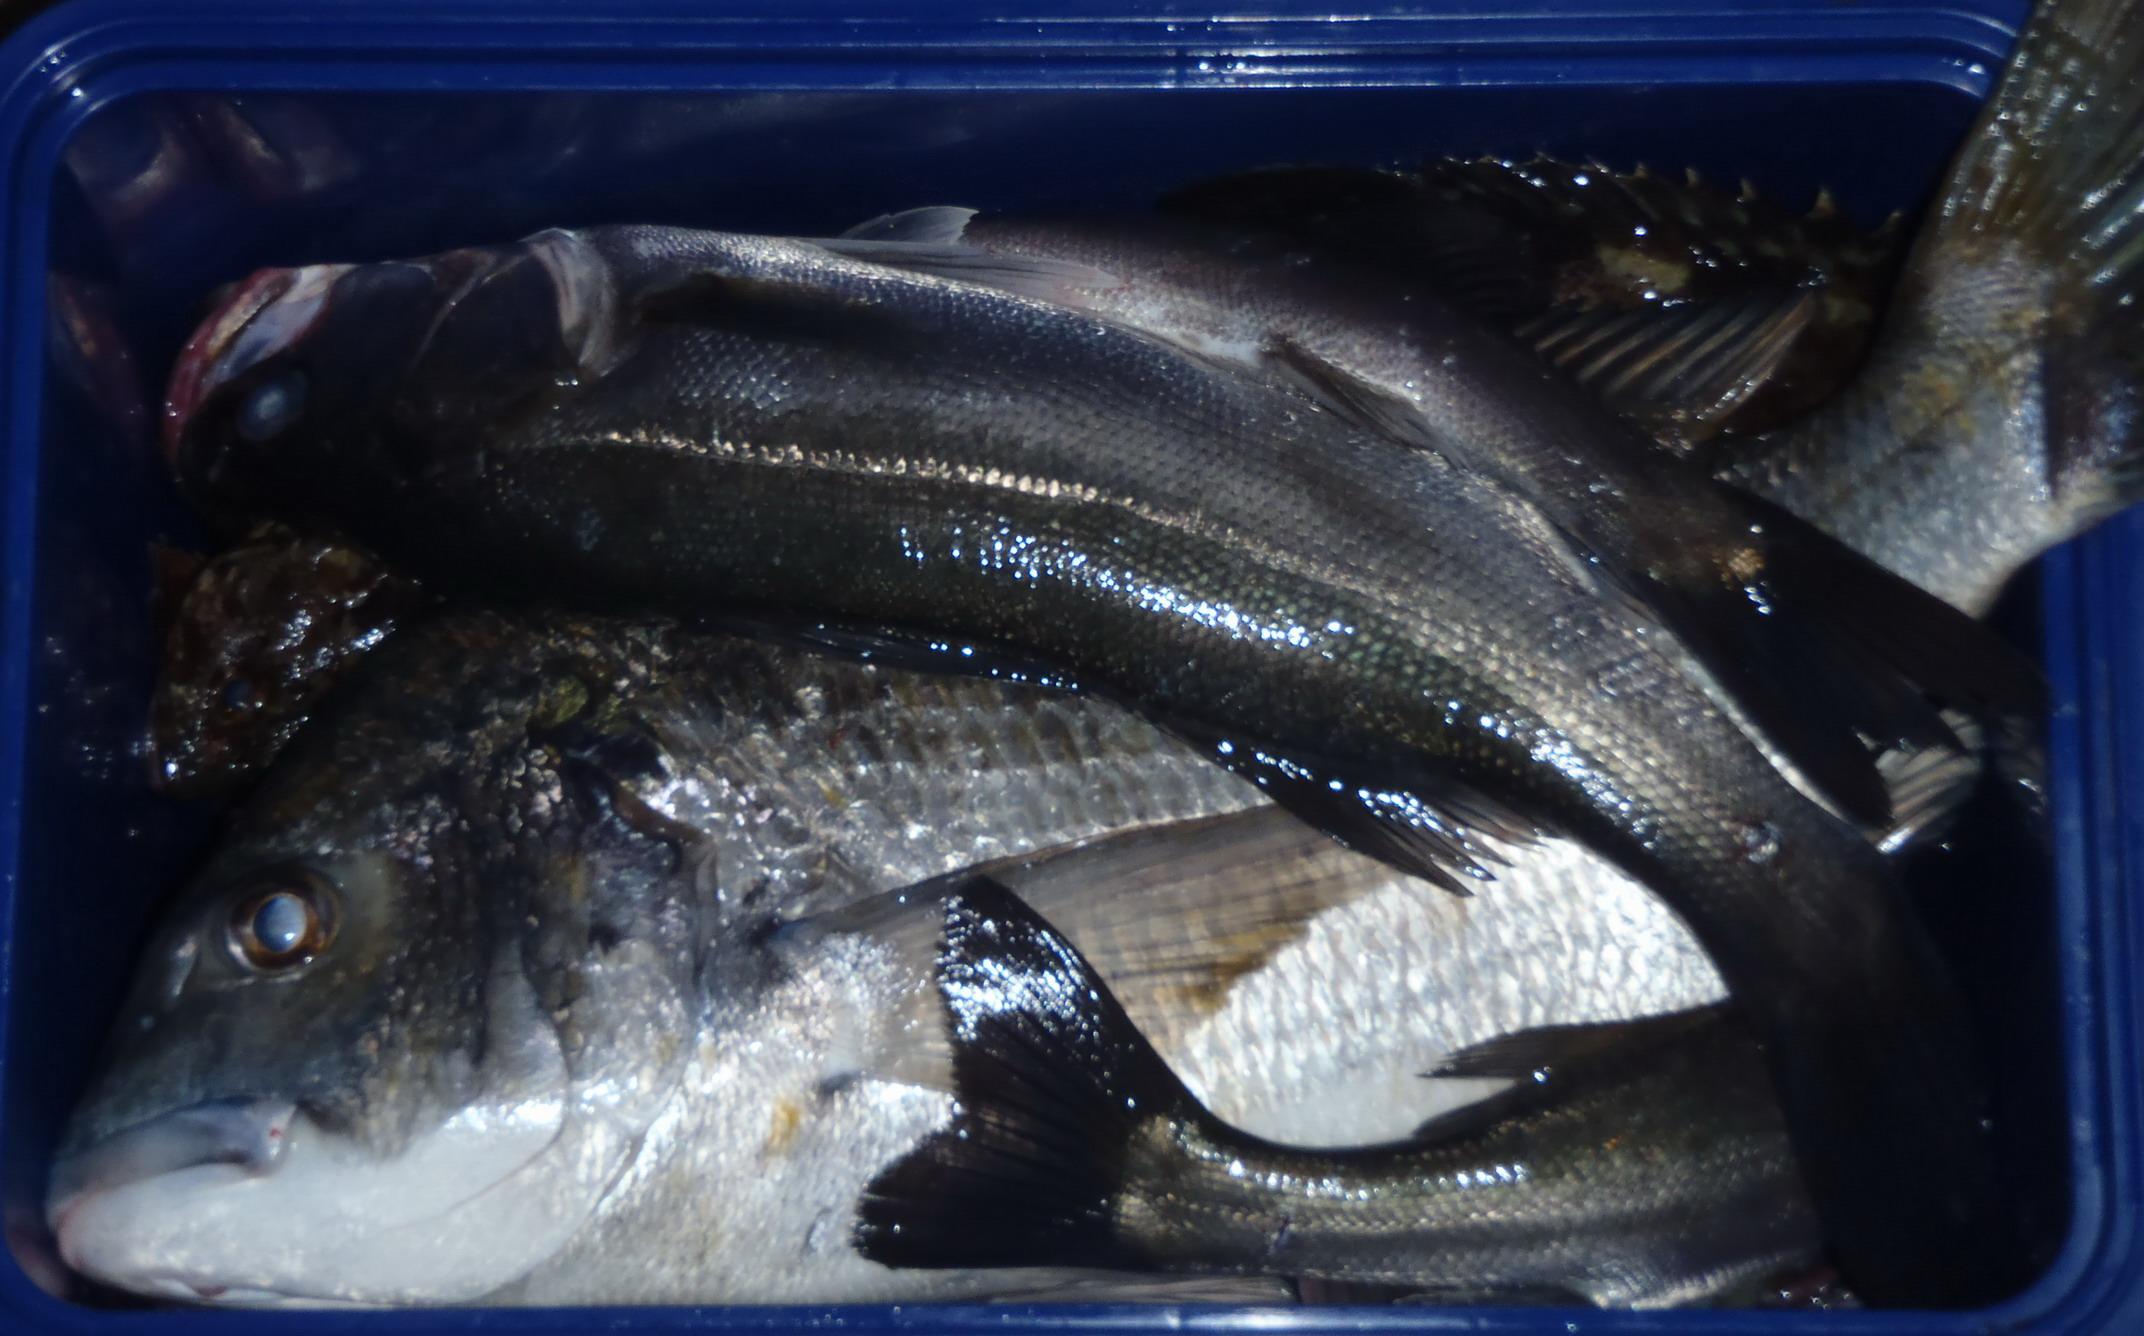 小川さん 12月5日 名古屋港 シーバス、根魚、黒鯛_a0153216_22381030.jpg